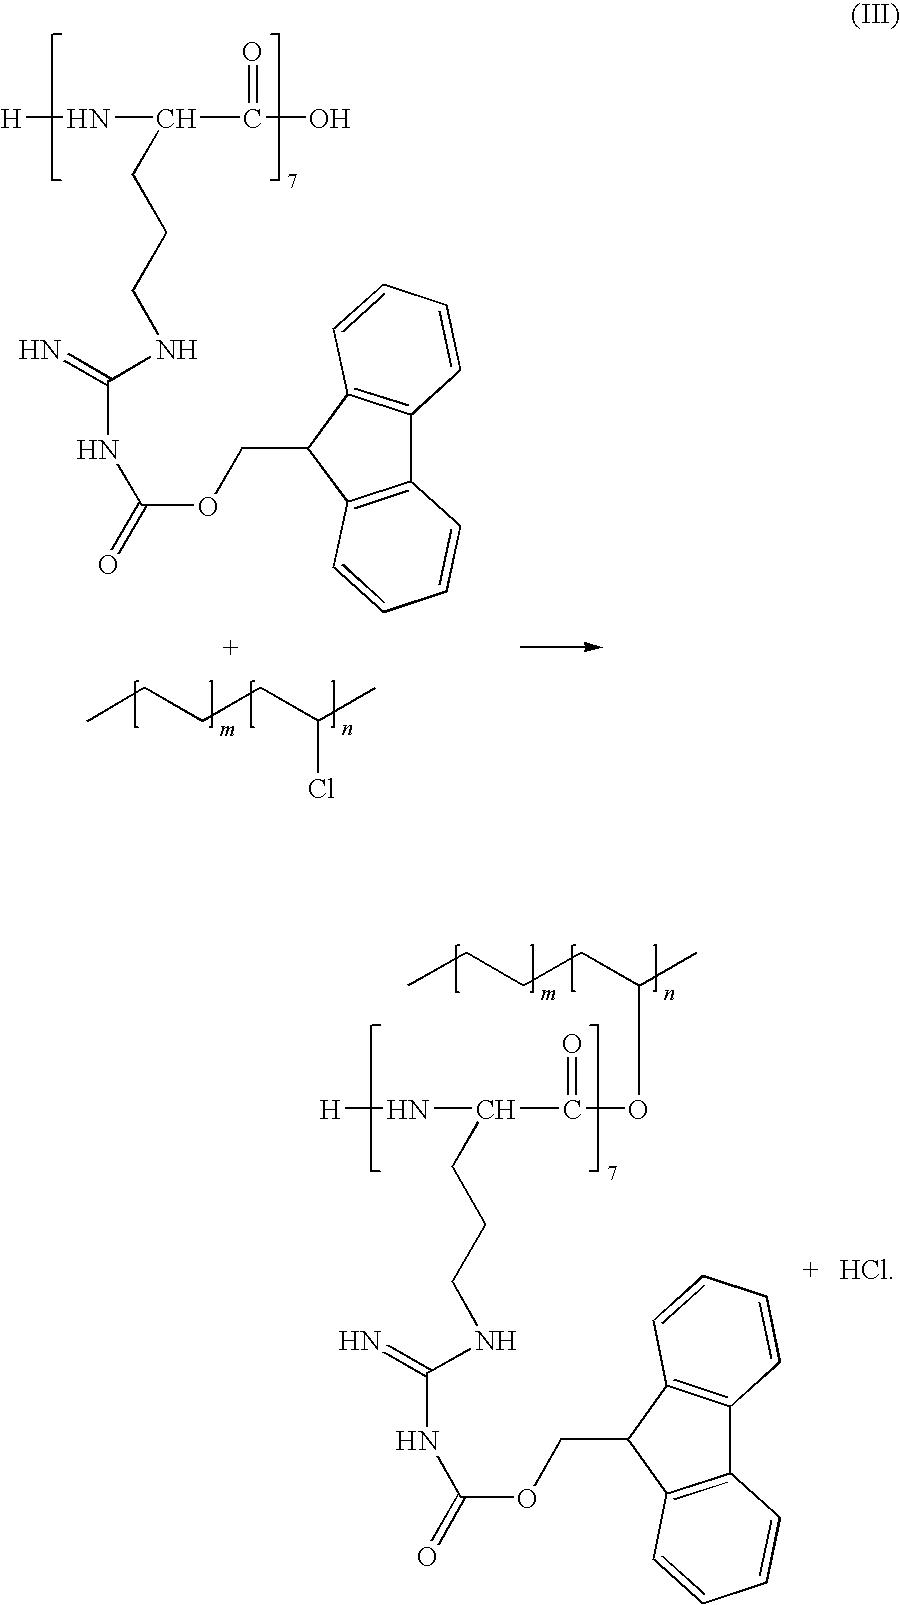 Figure US07875286-20110125-C00002